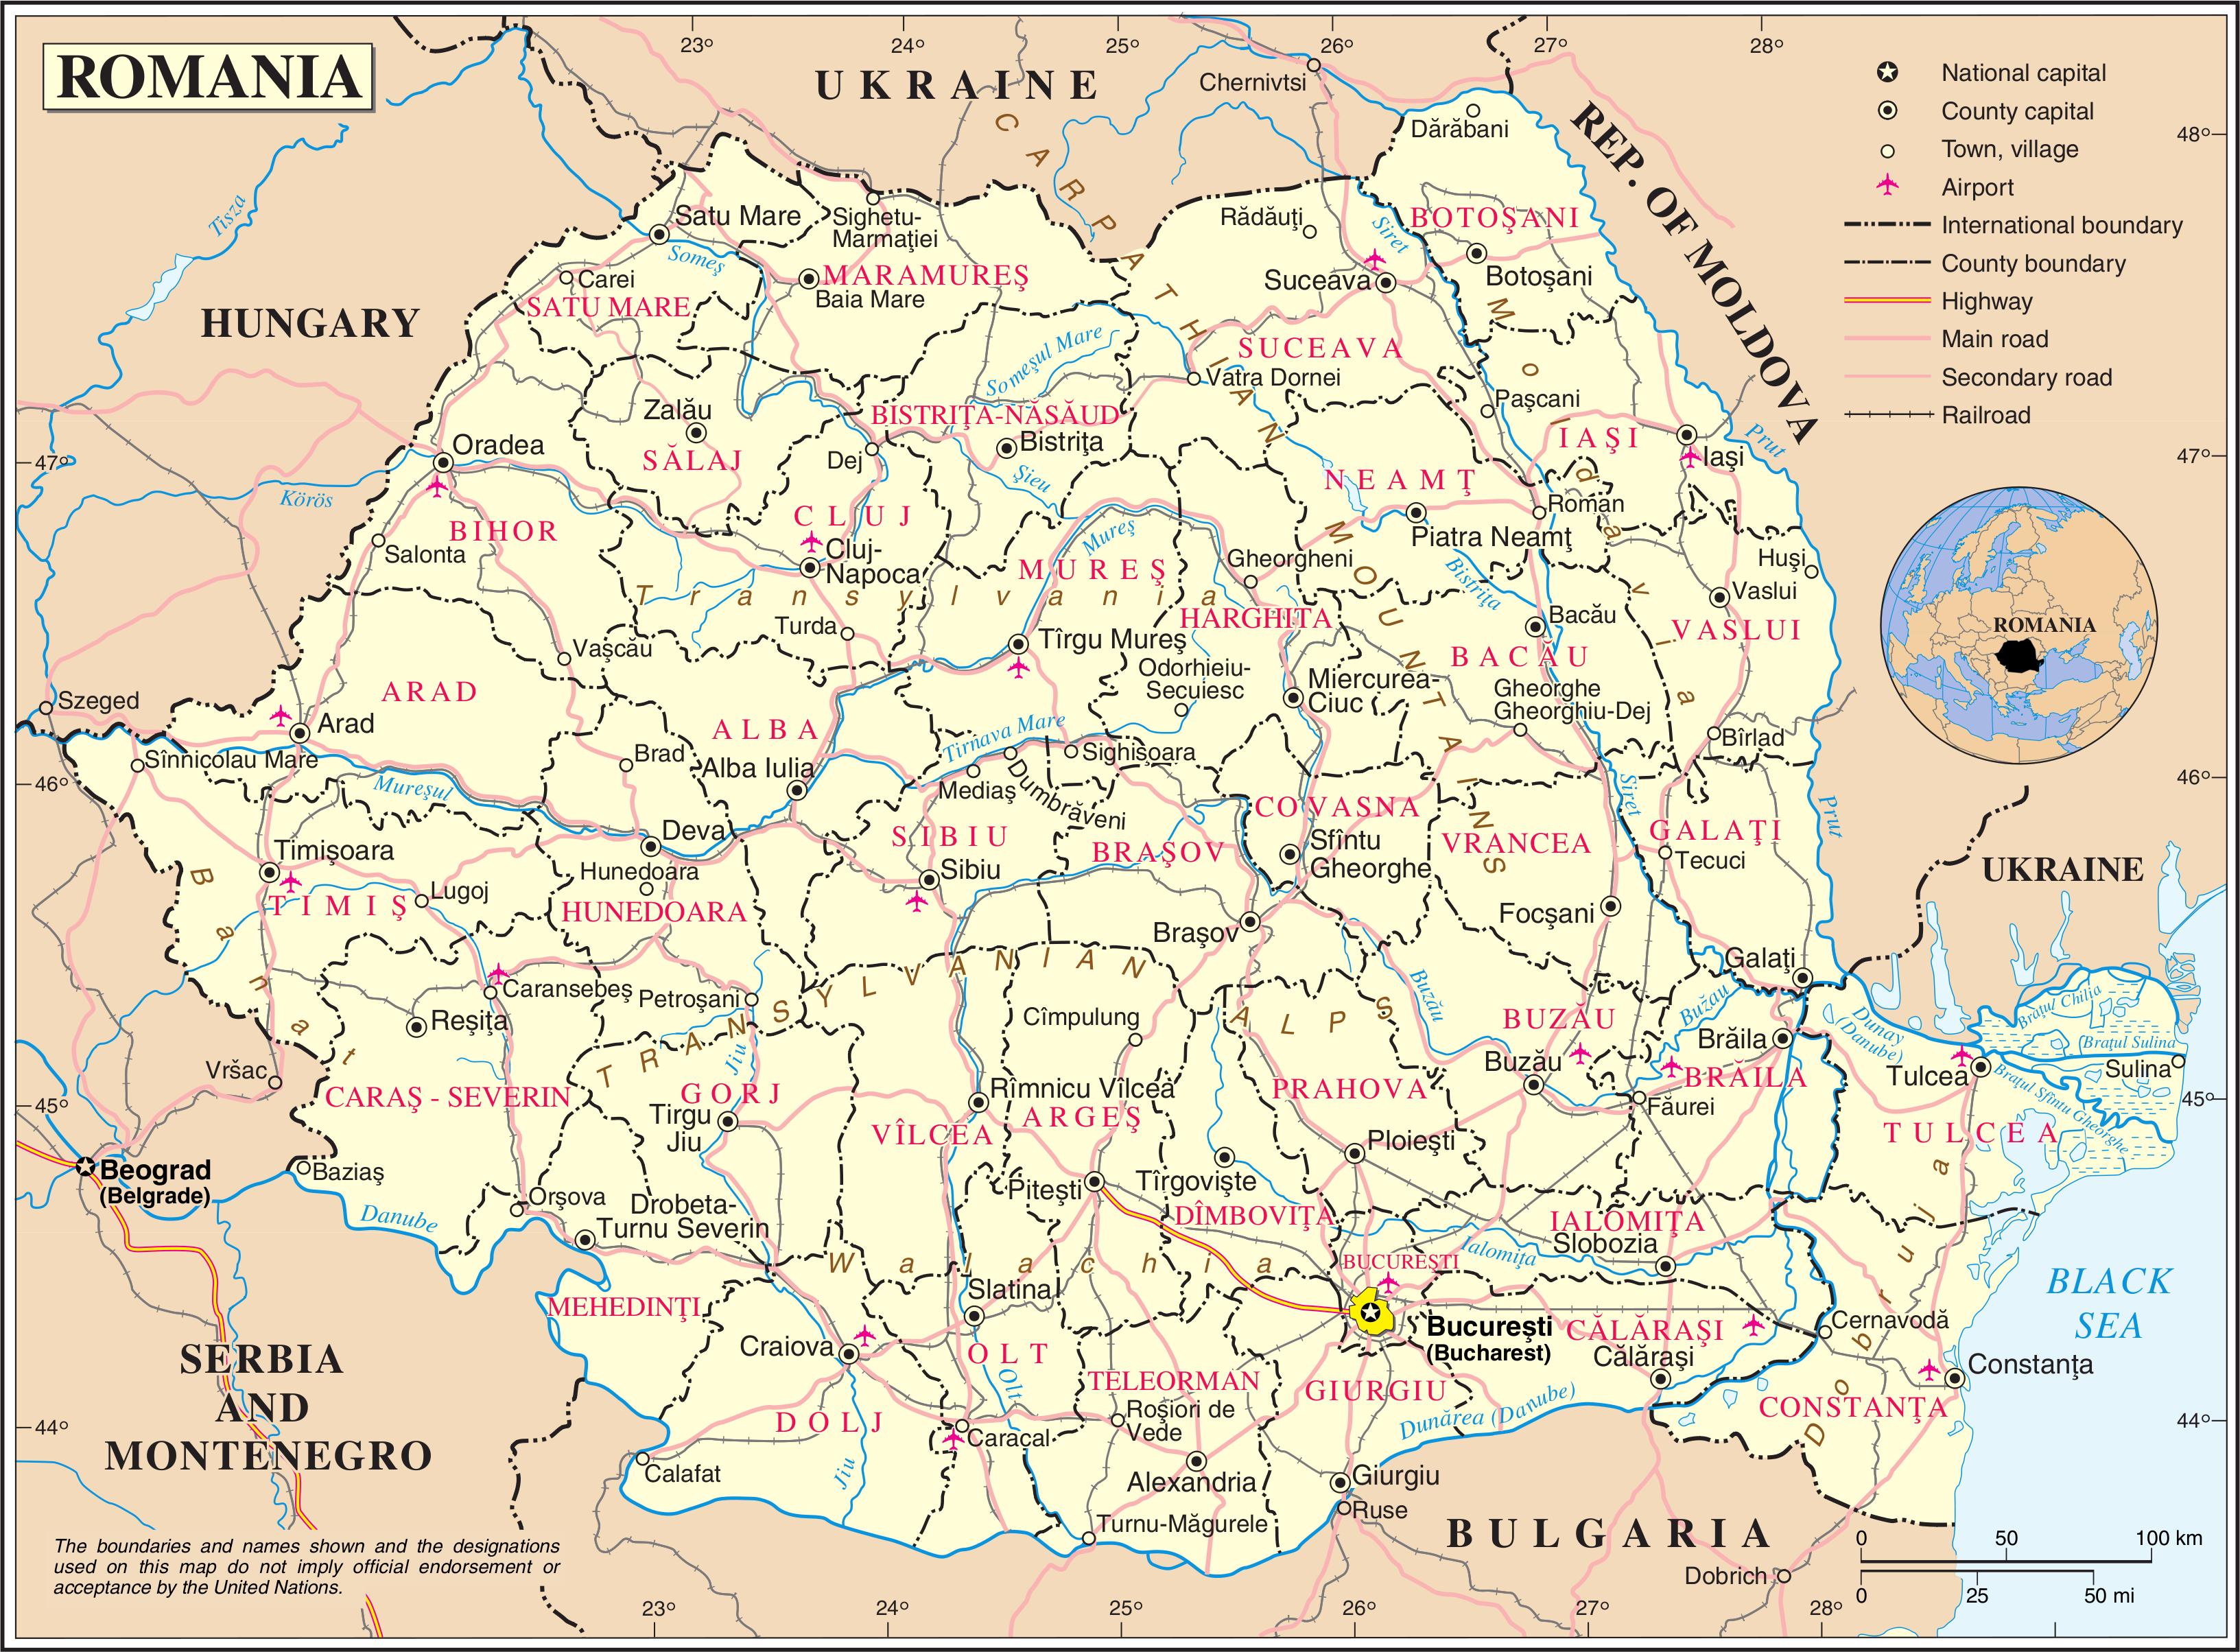 A BRIEF HISTORY OF ROMANIA